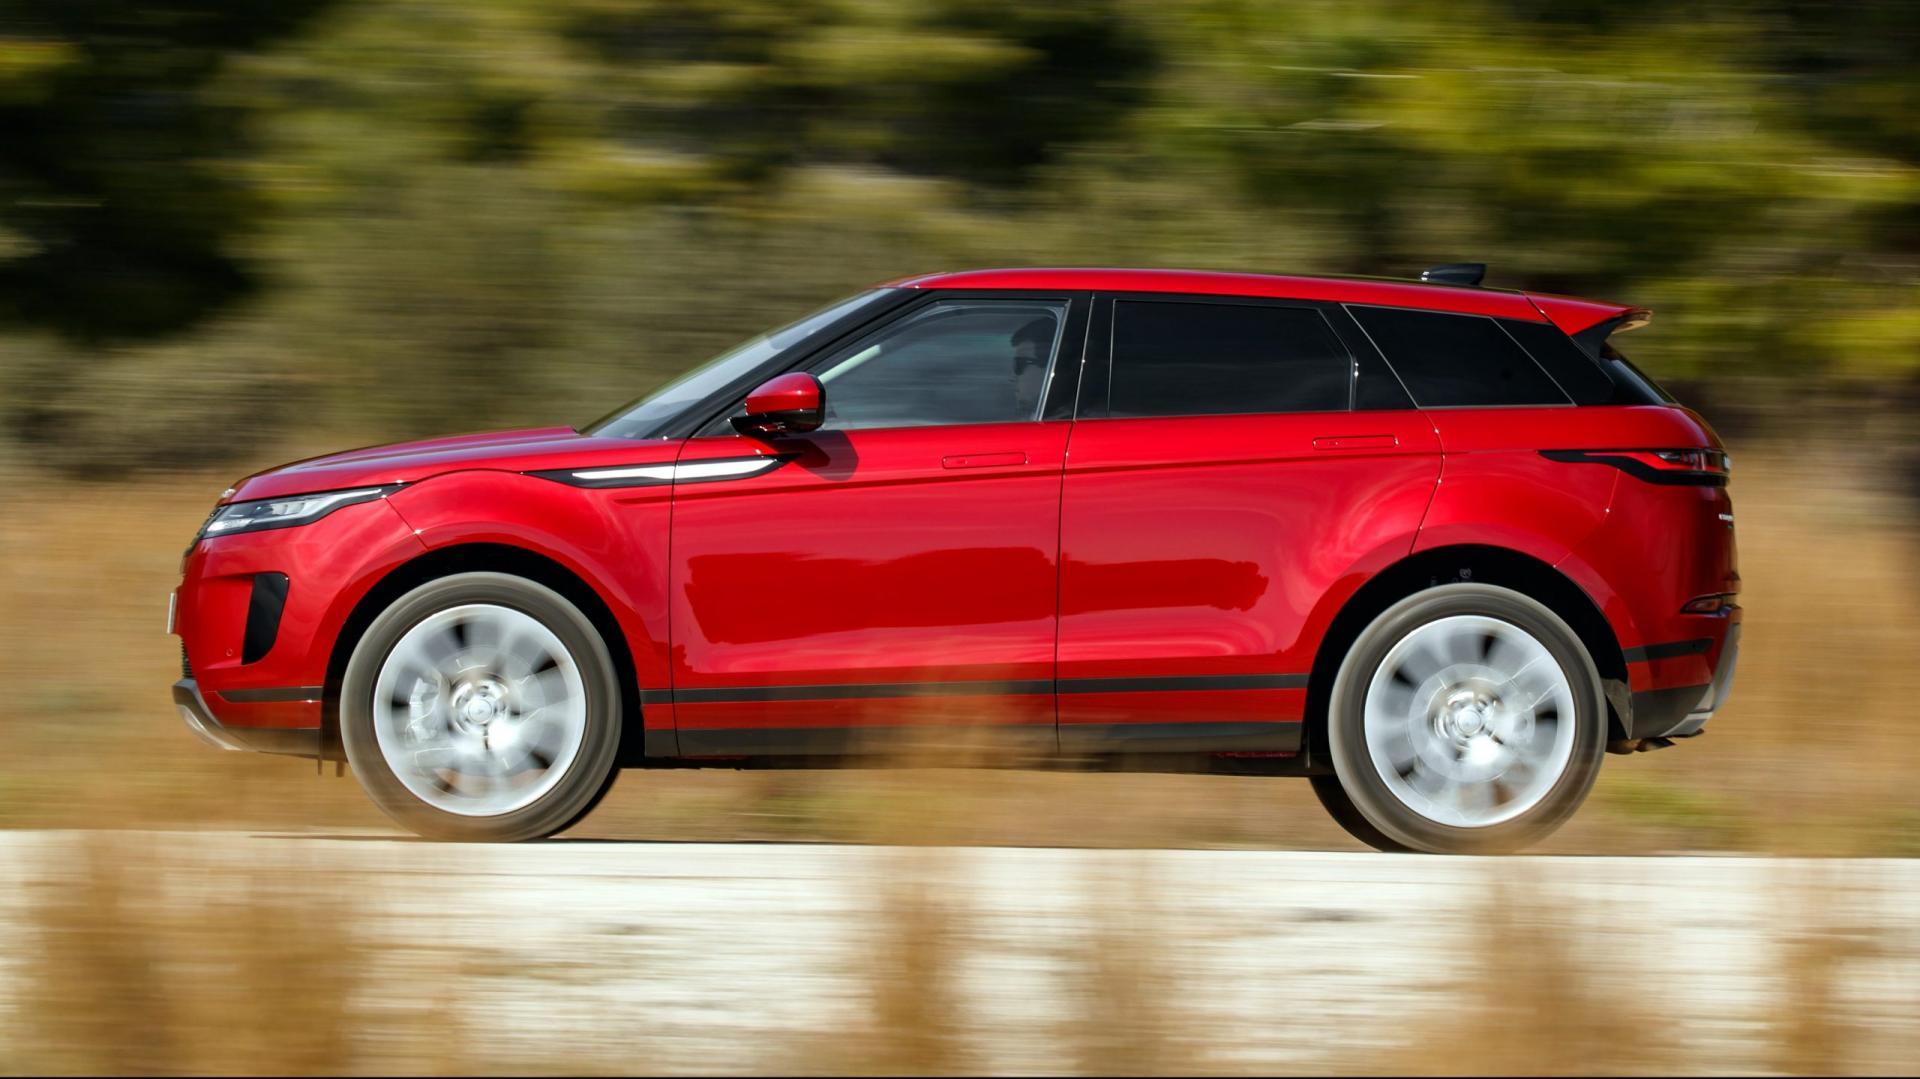 Range Rover Evoque S 2019